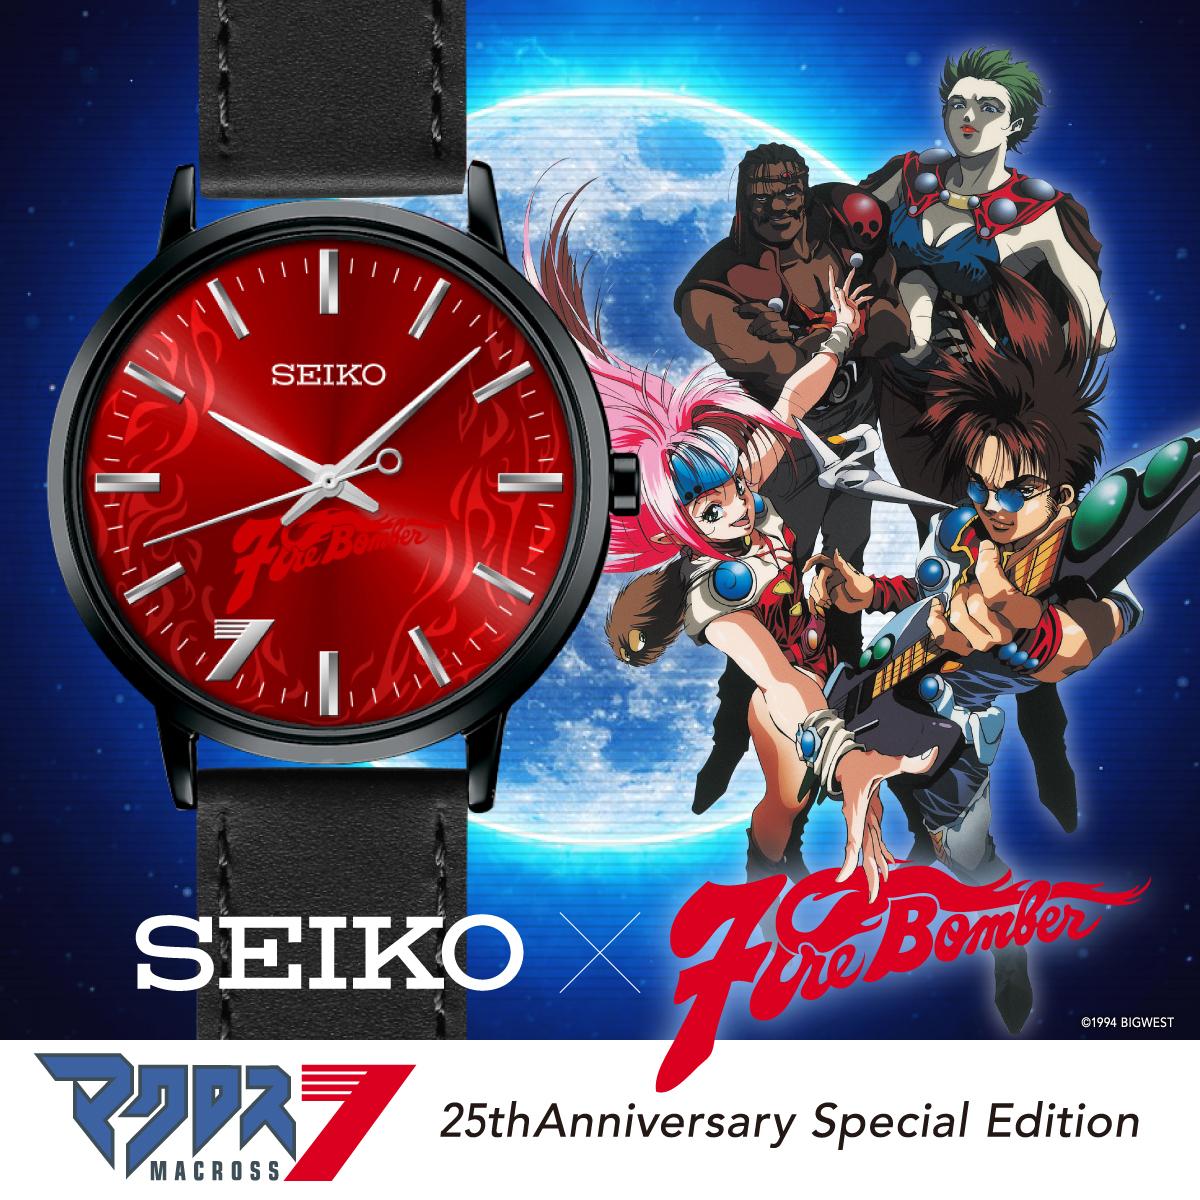 """『マクロス7』25周年記念!セイコーとのコラボ腕時計が登場  燃え上がる炎の赤い文字盤に""""Fire Bomber""""マークをデザイン"""